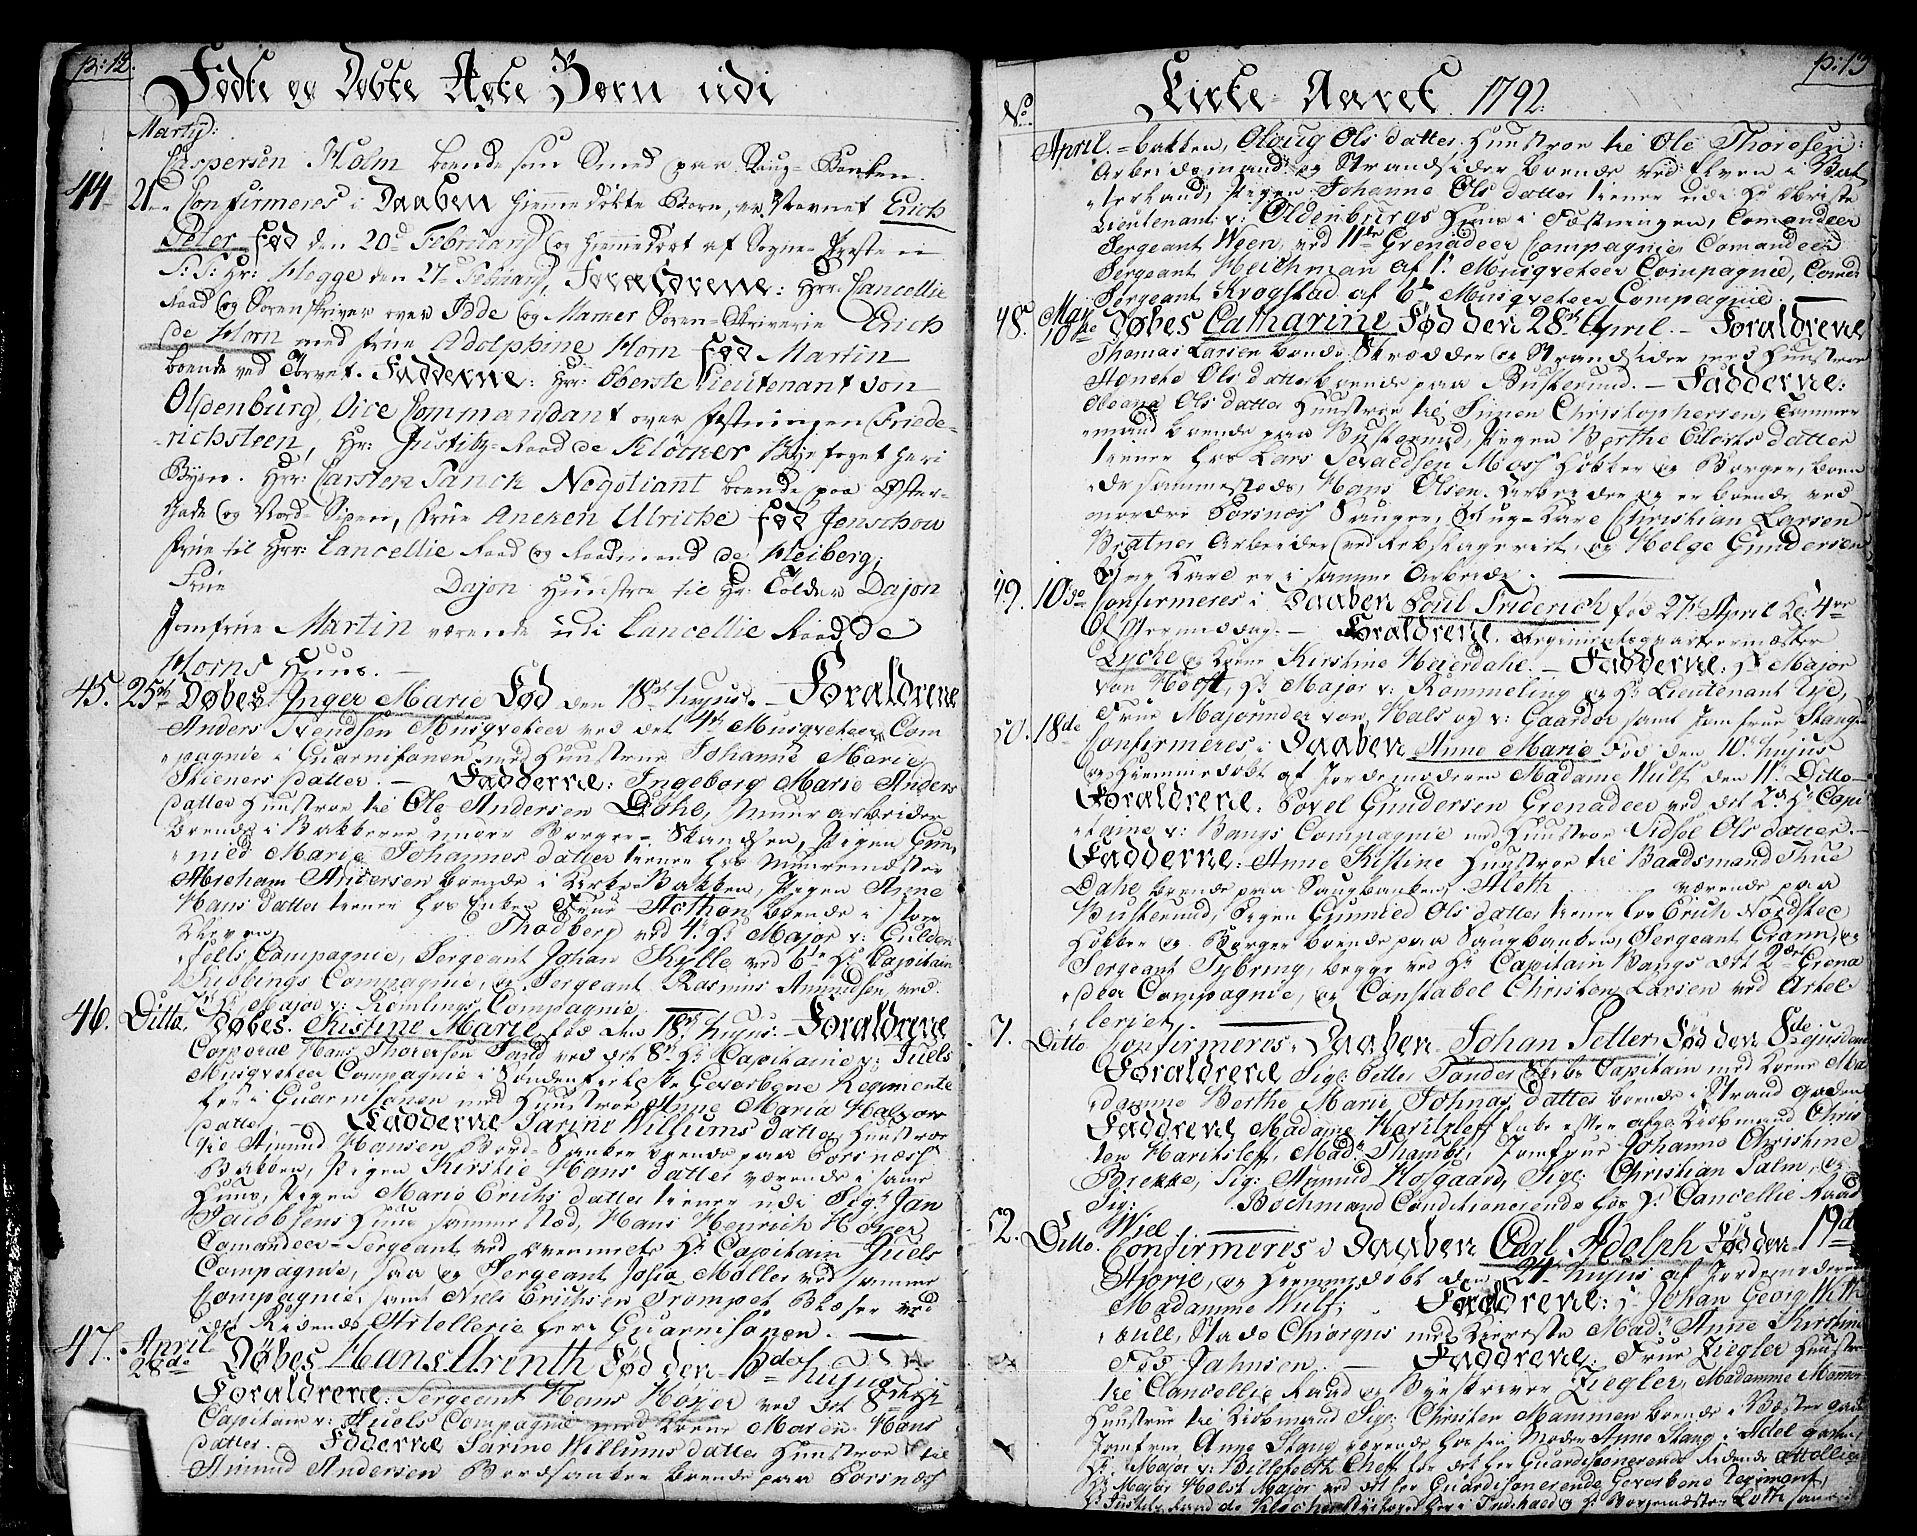 SAO, Halden prestekontor Kirkebøker, F/Fa/L0002: Ministerialbok nr. I 2, 1792-1812, s. 12-13